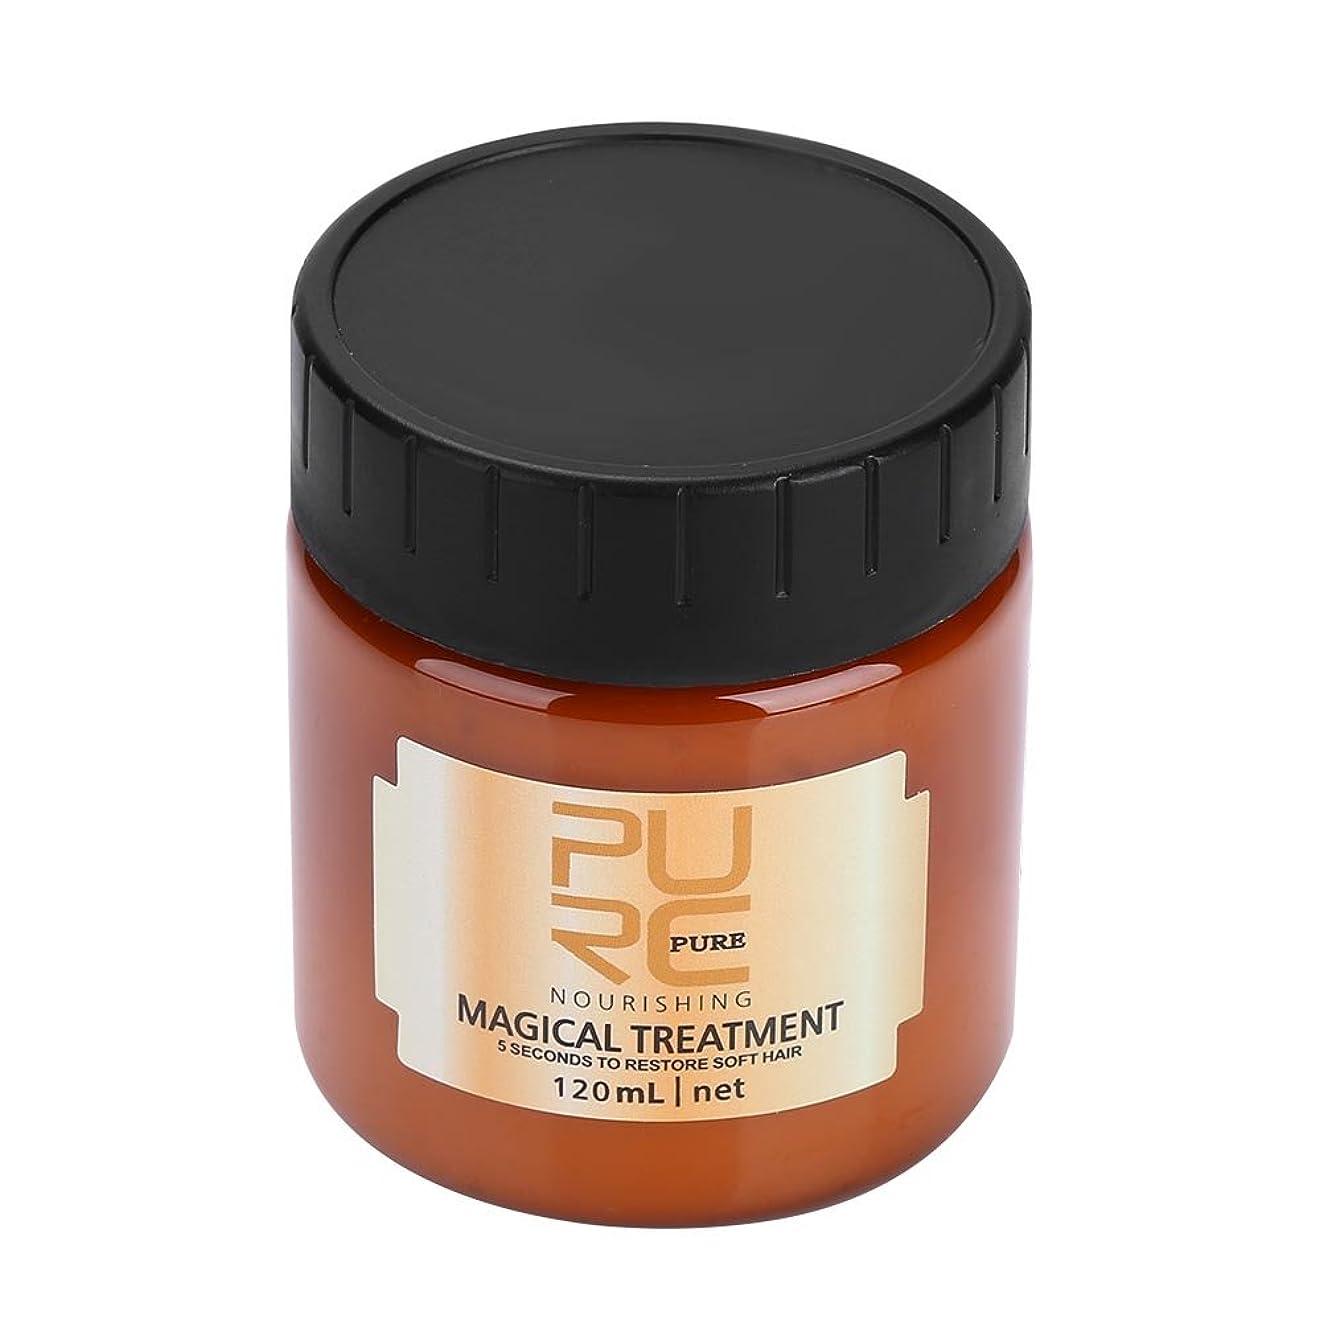 静かなコンプリート戸棚ヘアリペアマスク、120ml魔法のヘアマスク栄養治療ソフトスムーズリペアダメージプロフェッショナル